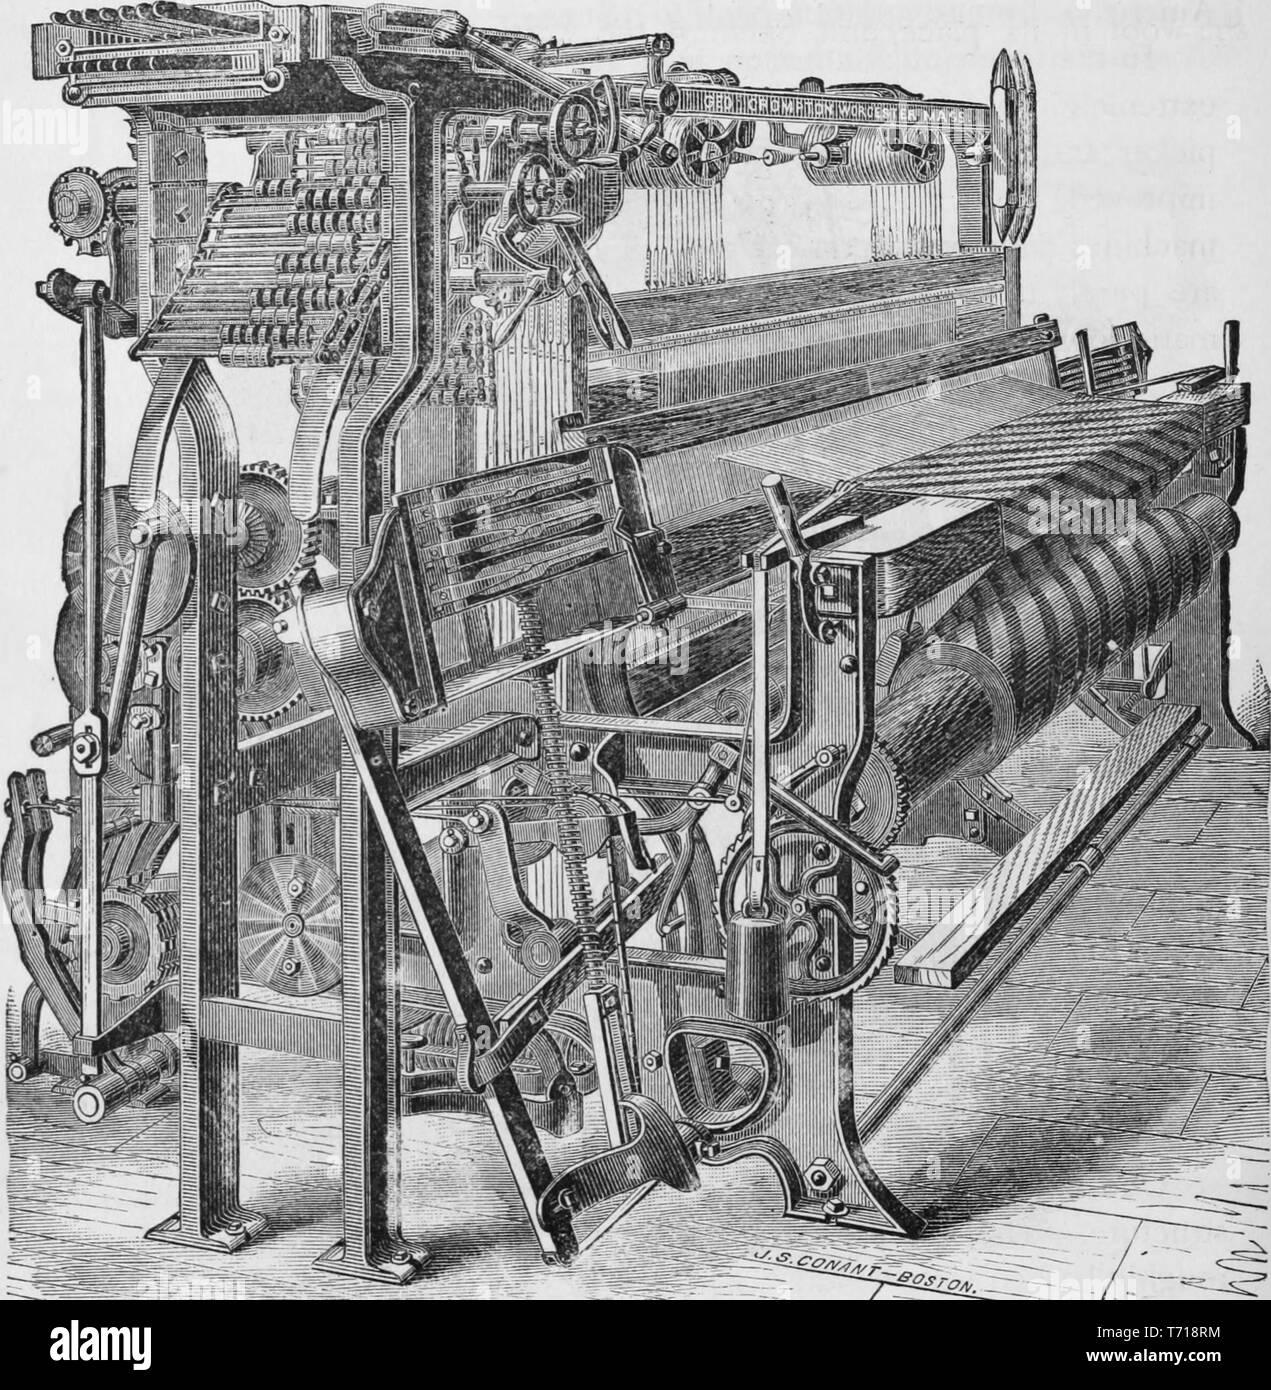 Grabado del chal telar maquinaria, del libro 'La historia industrial de los Estados Unidos, desde los primeros asentamientos hasta la actualidad' de Albert Sidney Bolles, 1878. Cortesía de Internet Archive. () Imagen De Stock